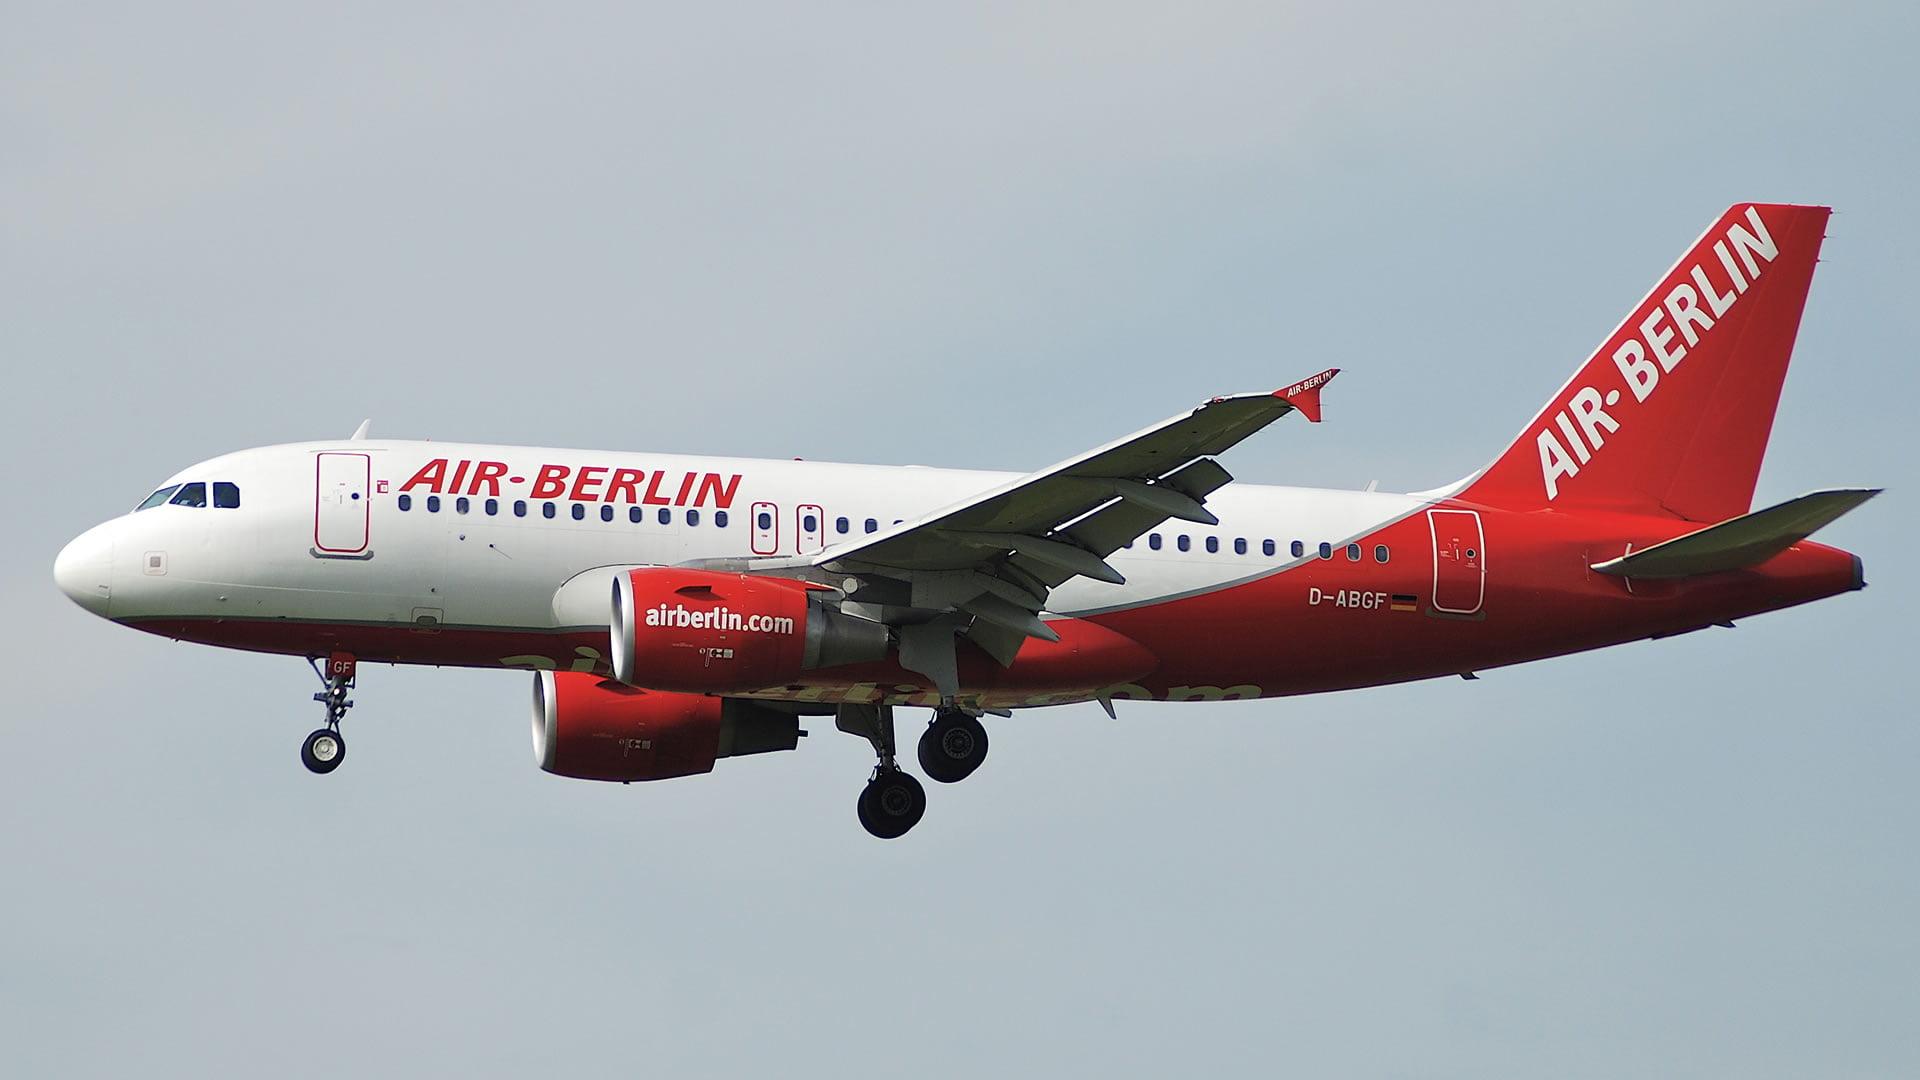 Aeronave de la compañia aérea AirBerlin